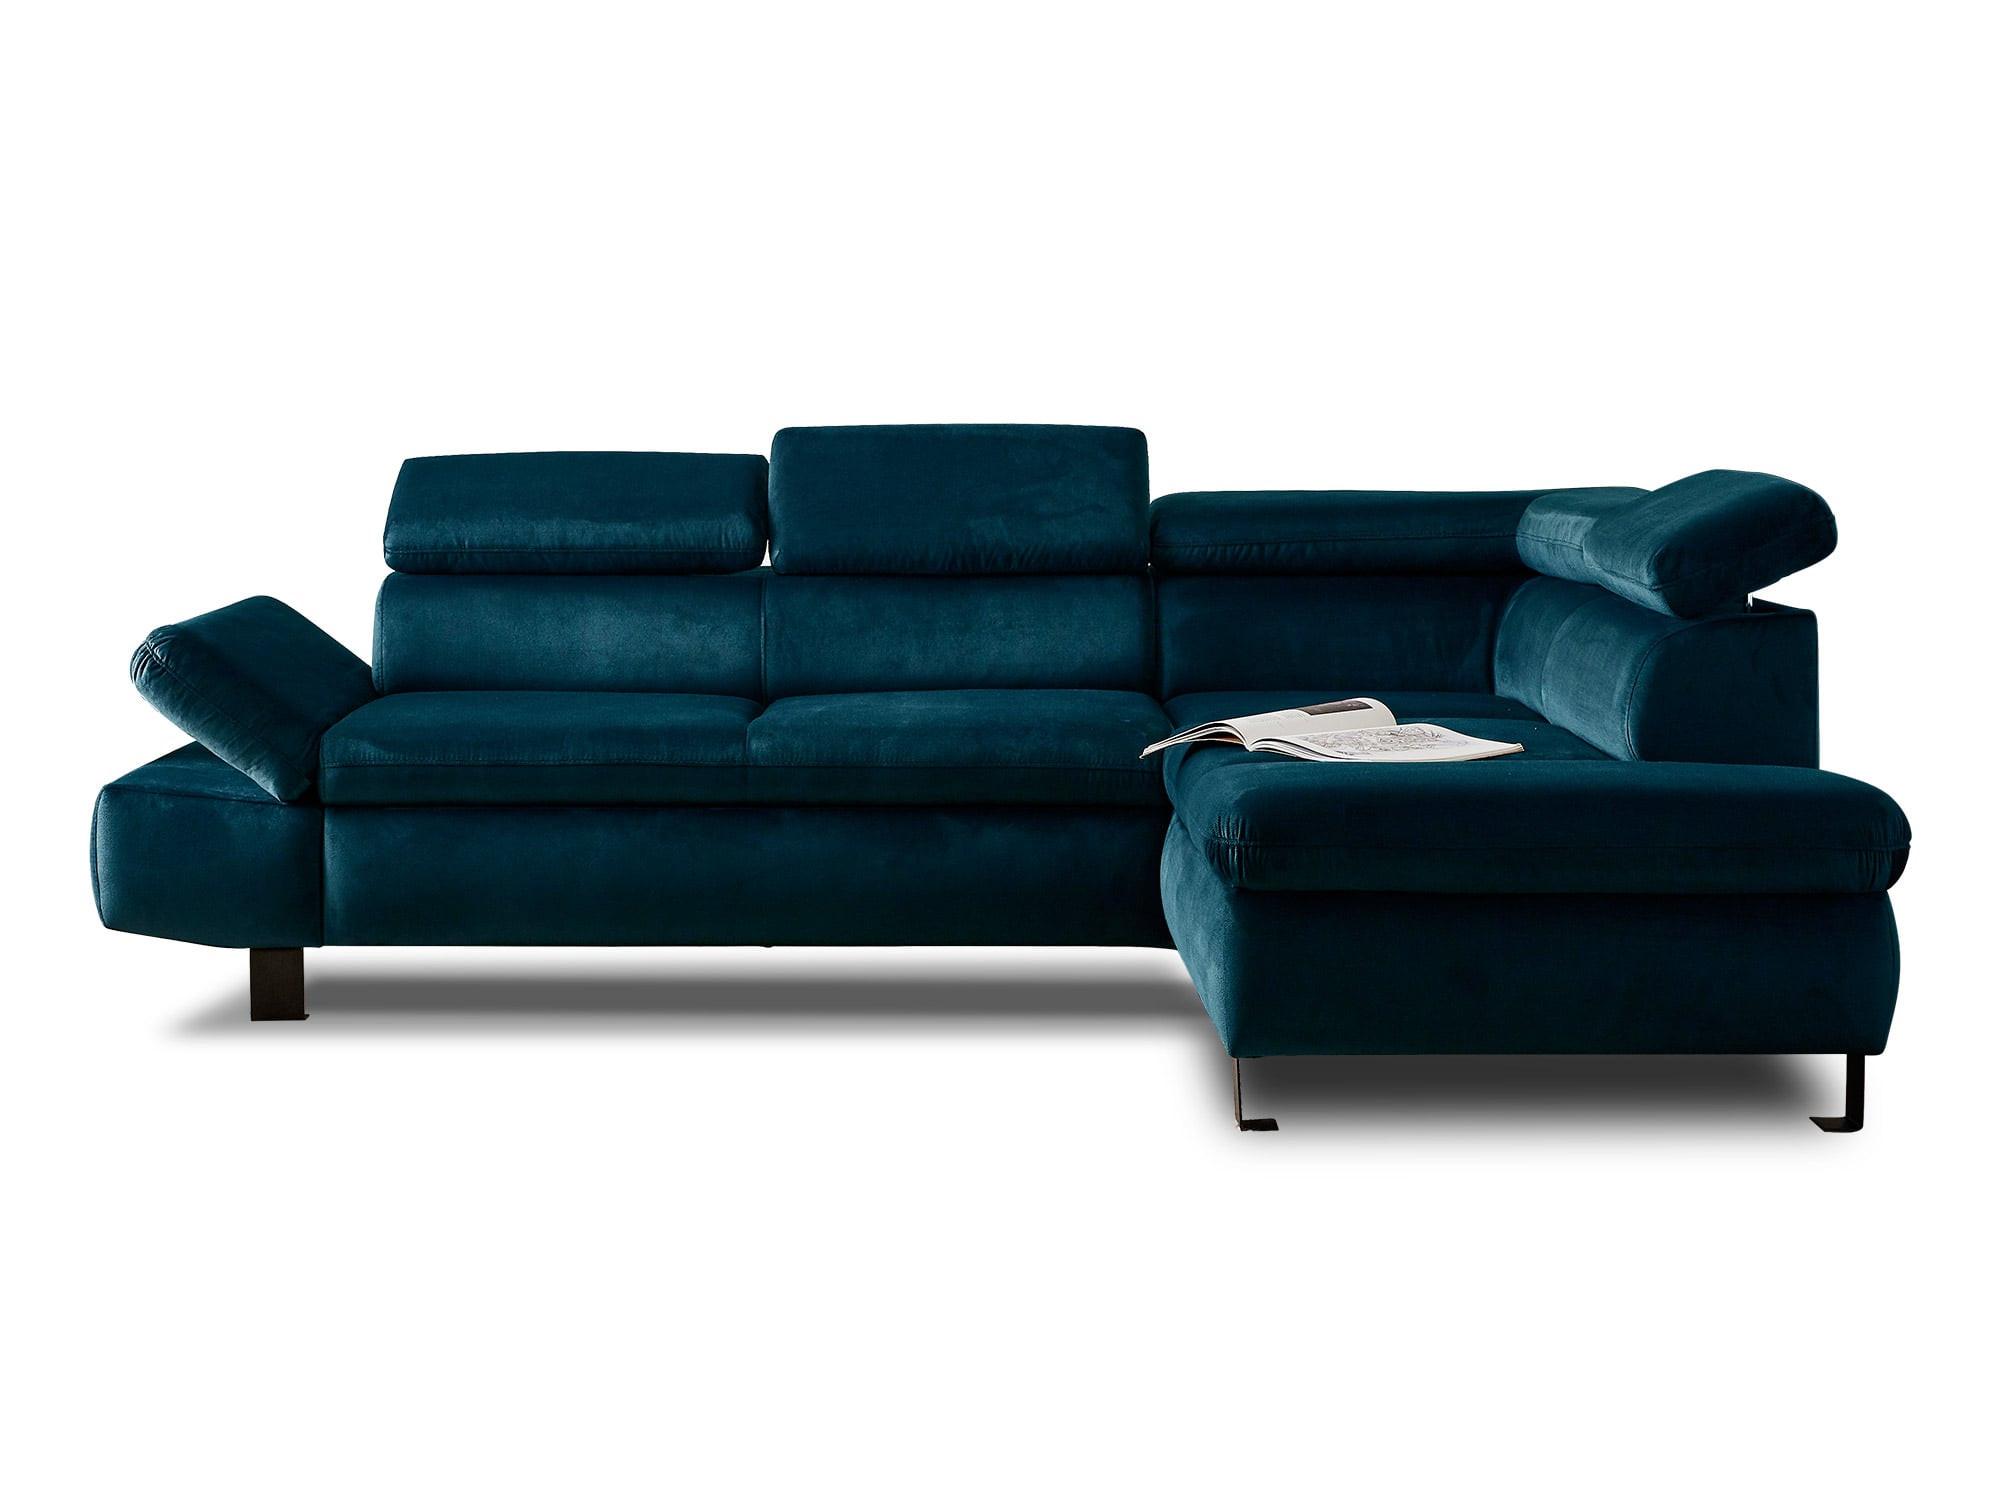 Canapé d'angle droit convertible 5 places Velours Bleu canard